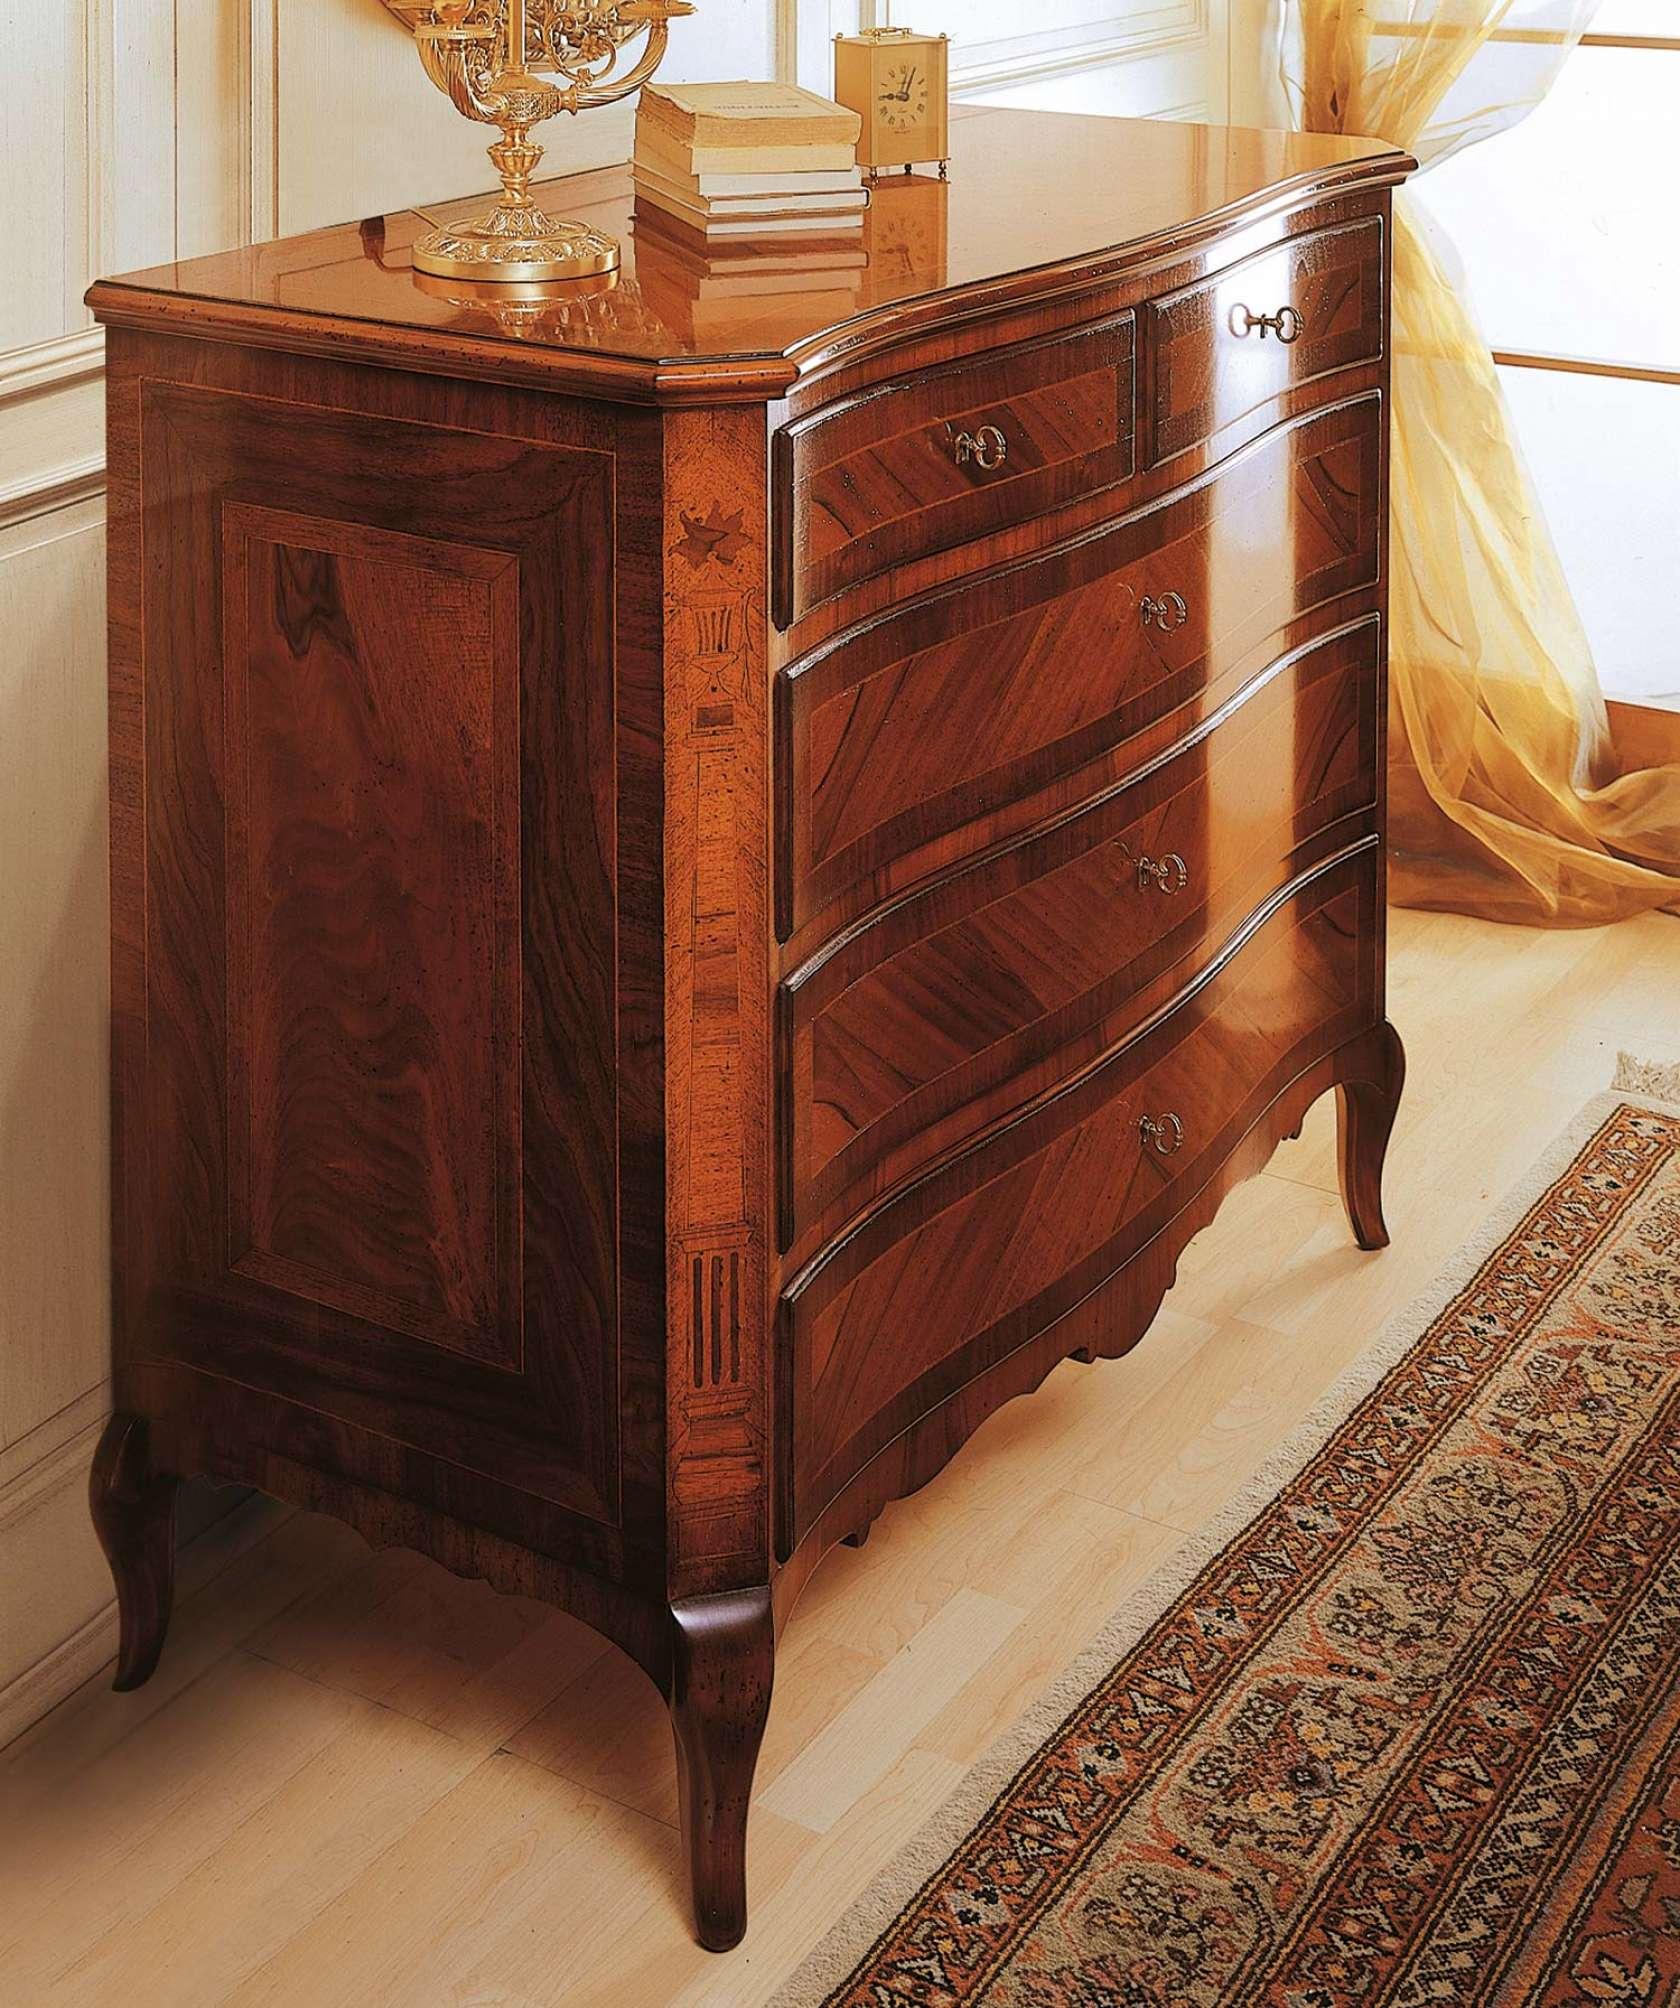 Camera da letto classica 800 francese com in noce for Como x camera da letto